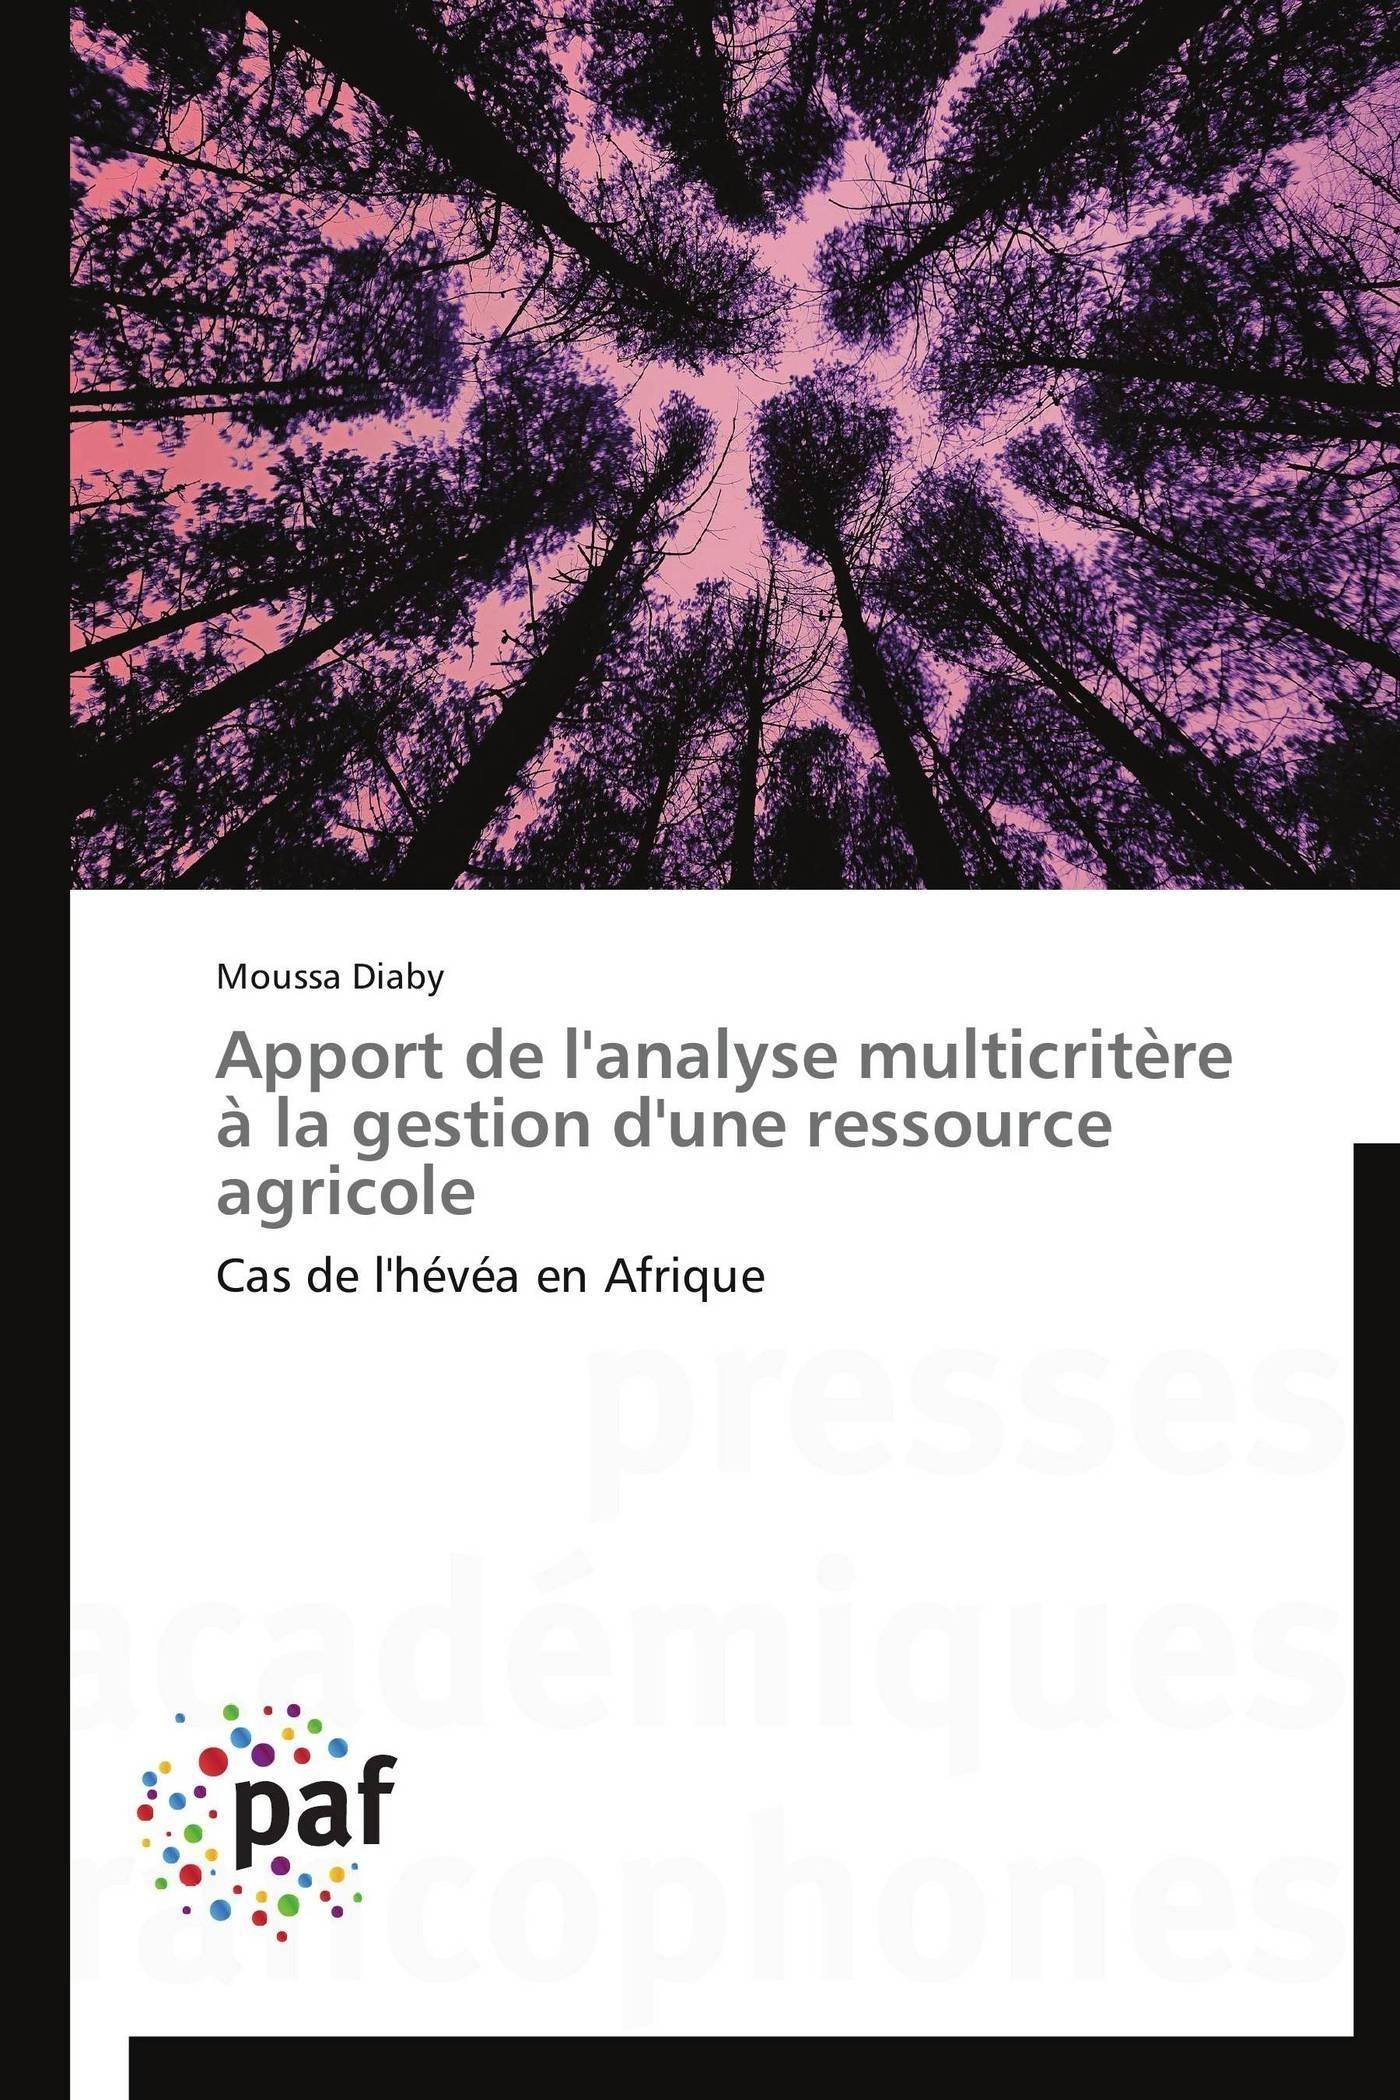 APPORT DE L'ANALYSE MULTICRITERE A LA GESTION D'UNE RESSOURCE AGRICOLE